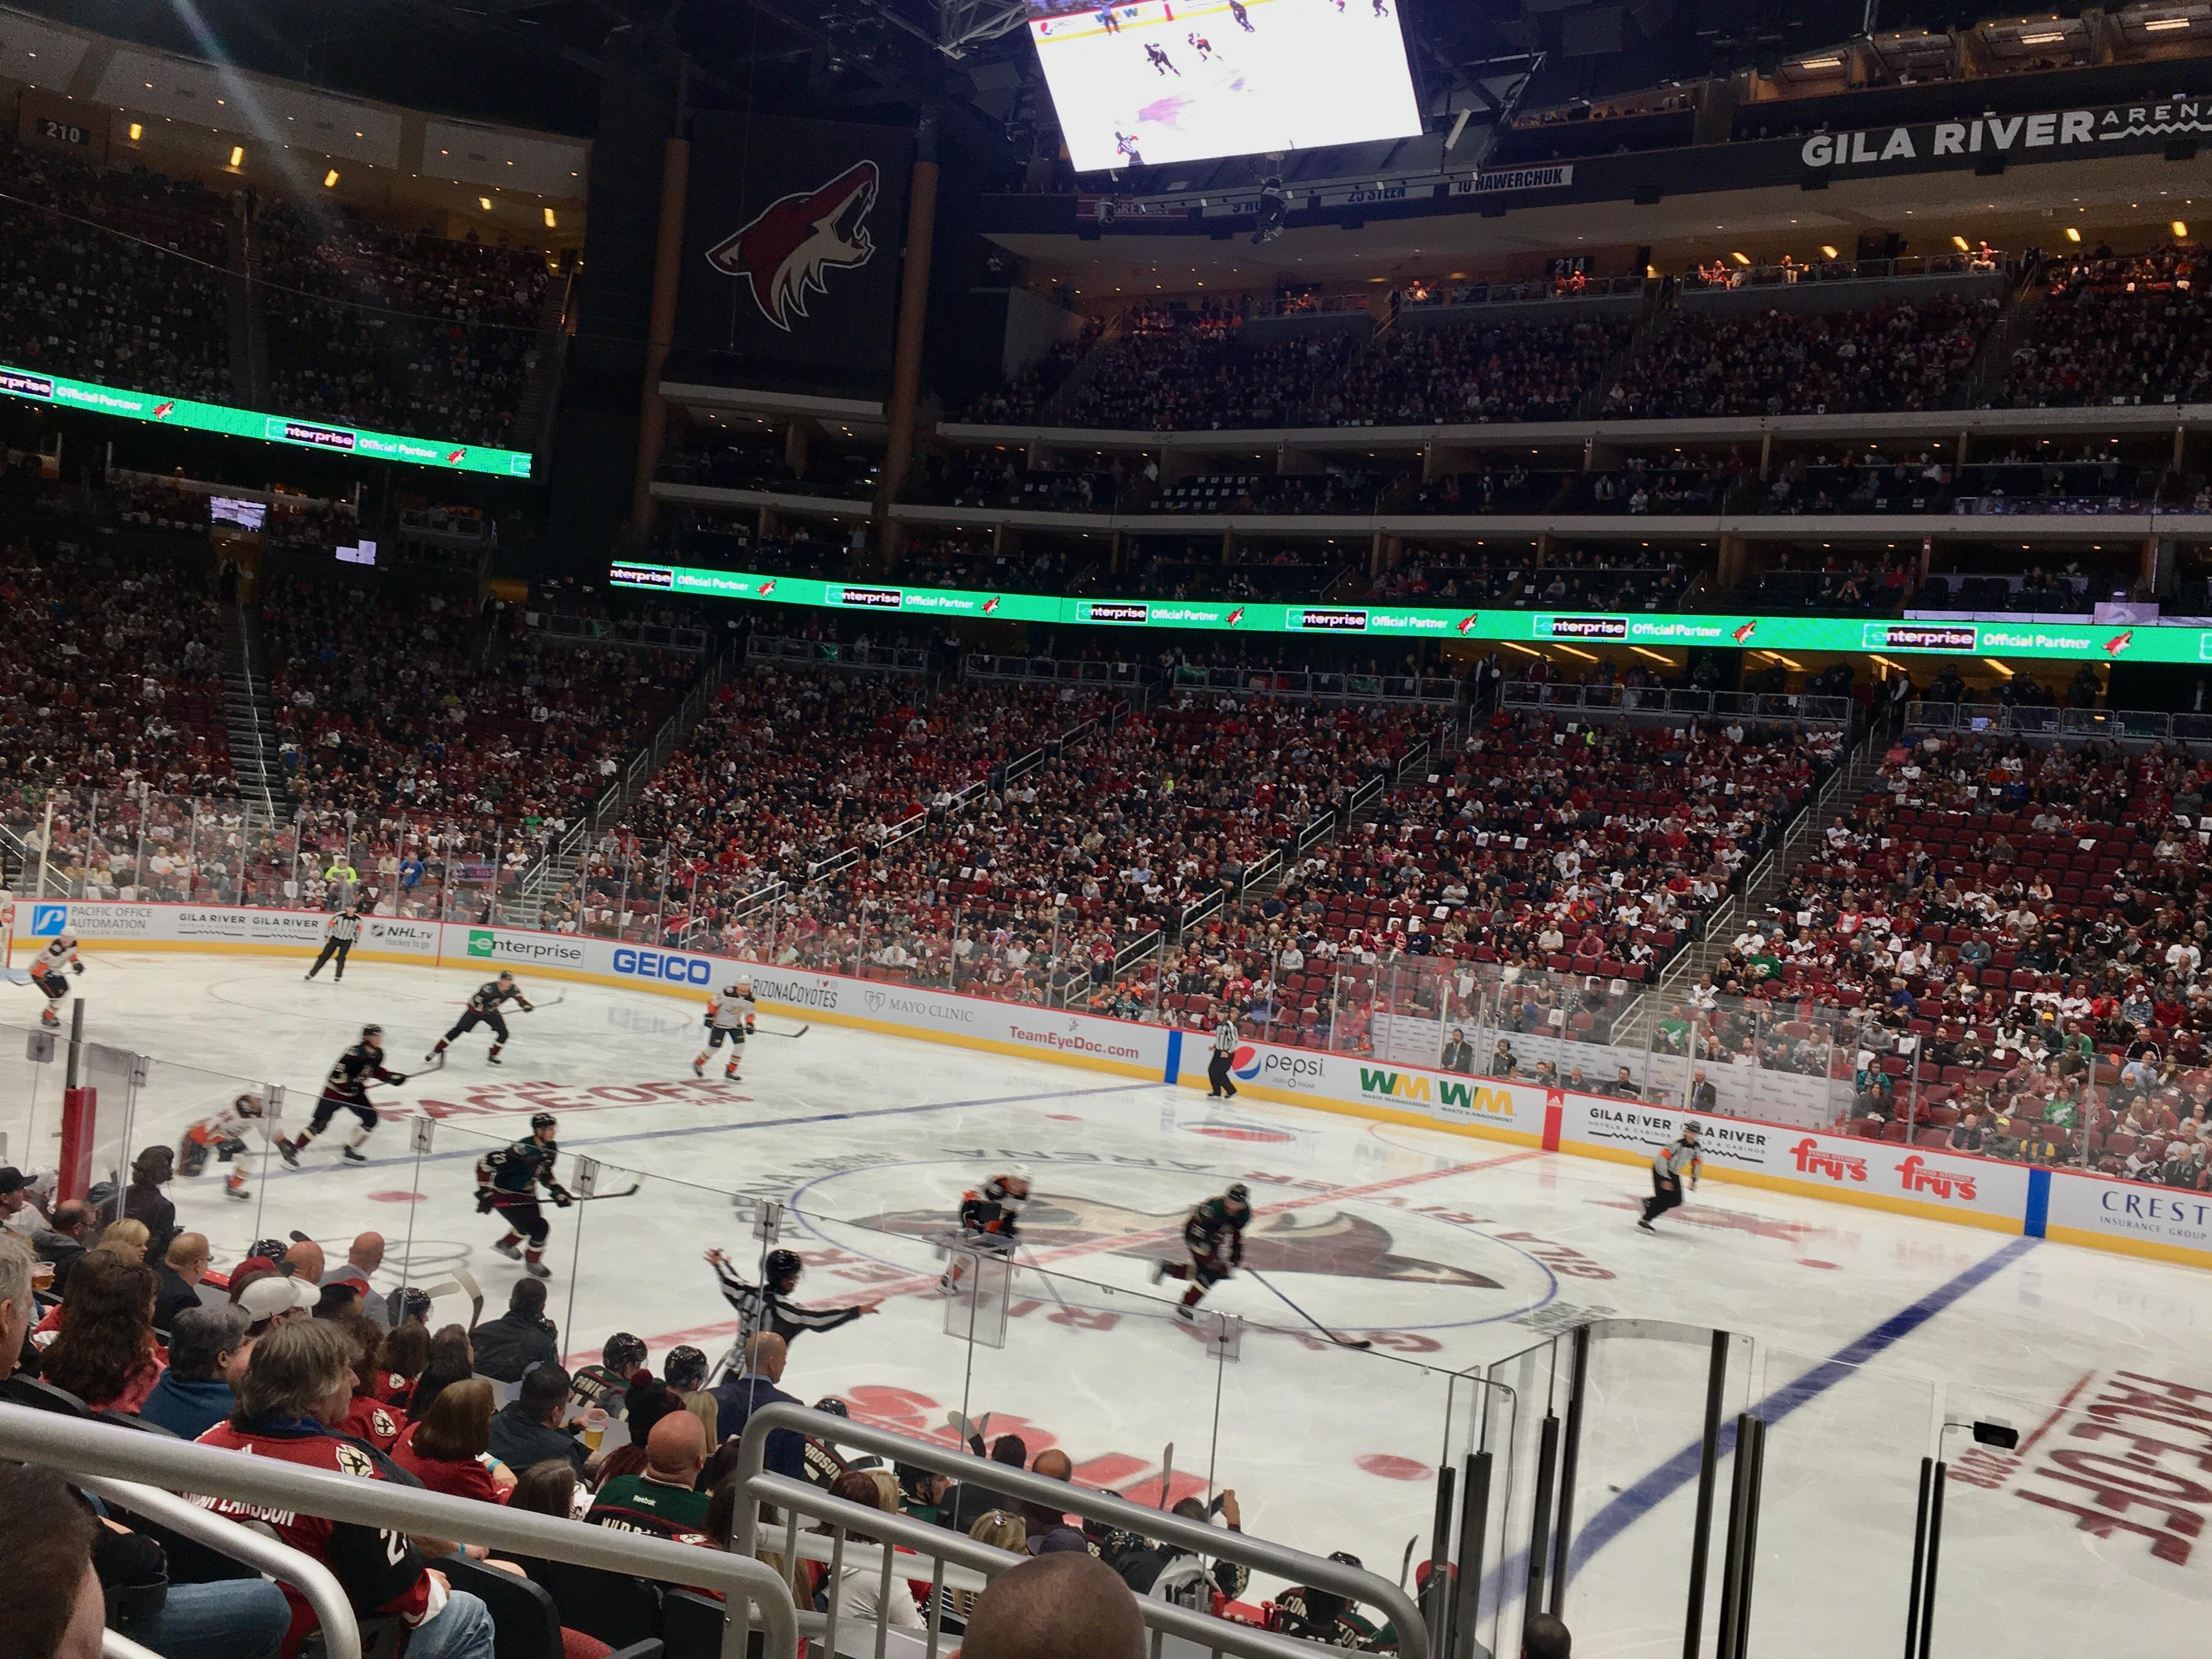 Arizona Coyotes on the ice